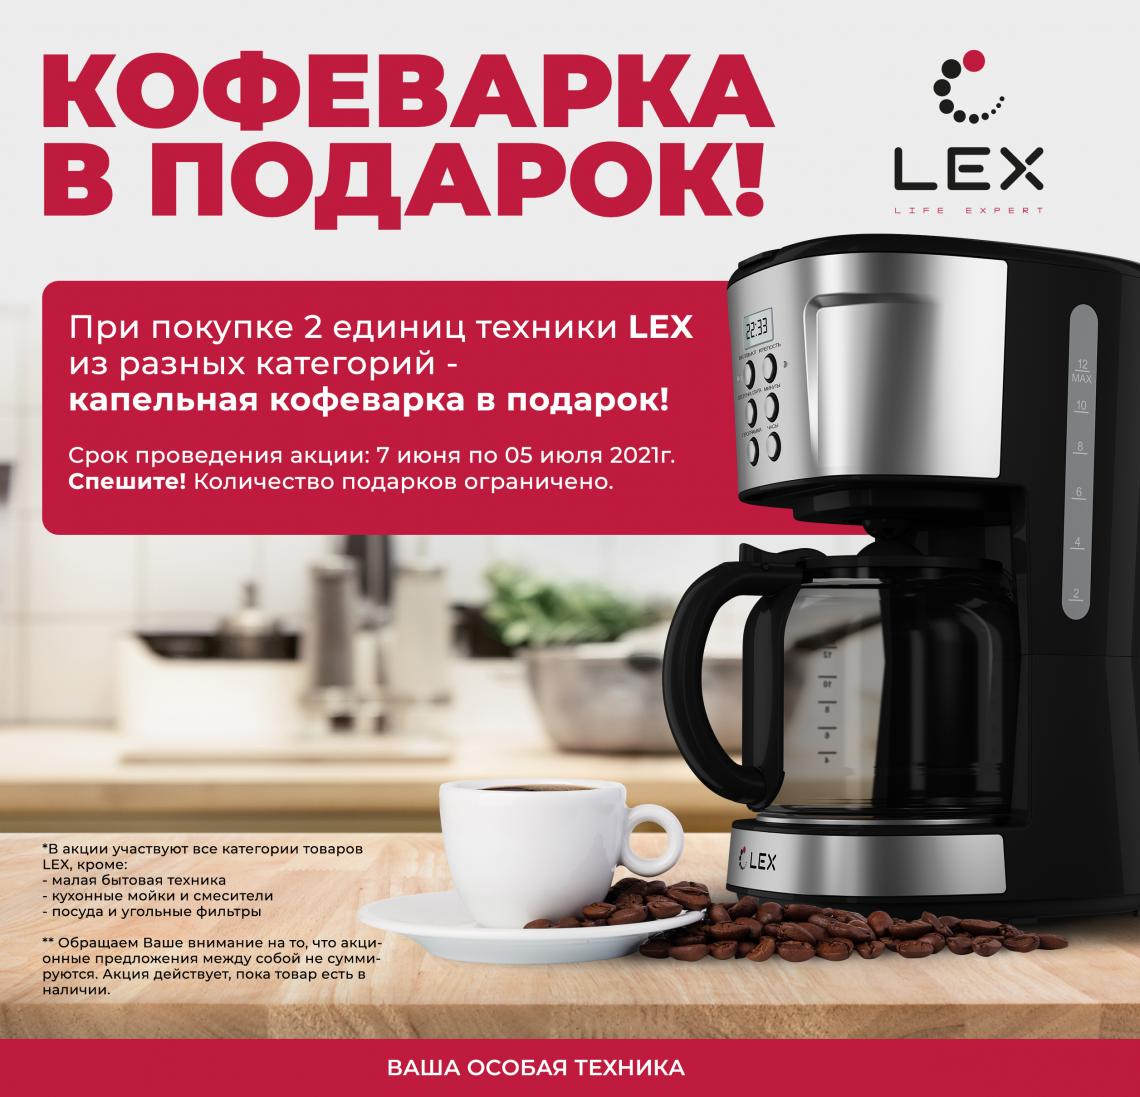 LEX техника для кухни — кофеварка в подарок фото